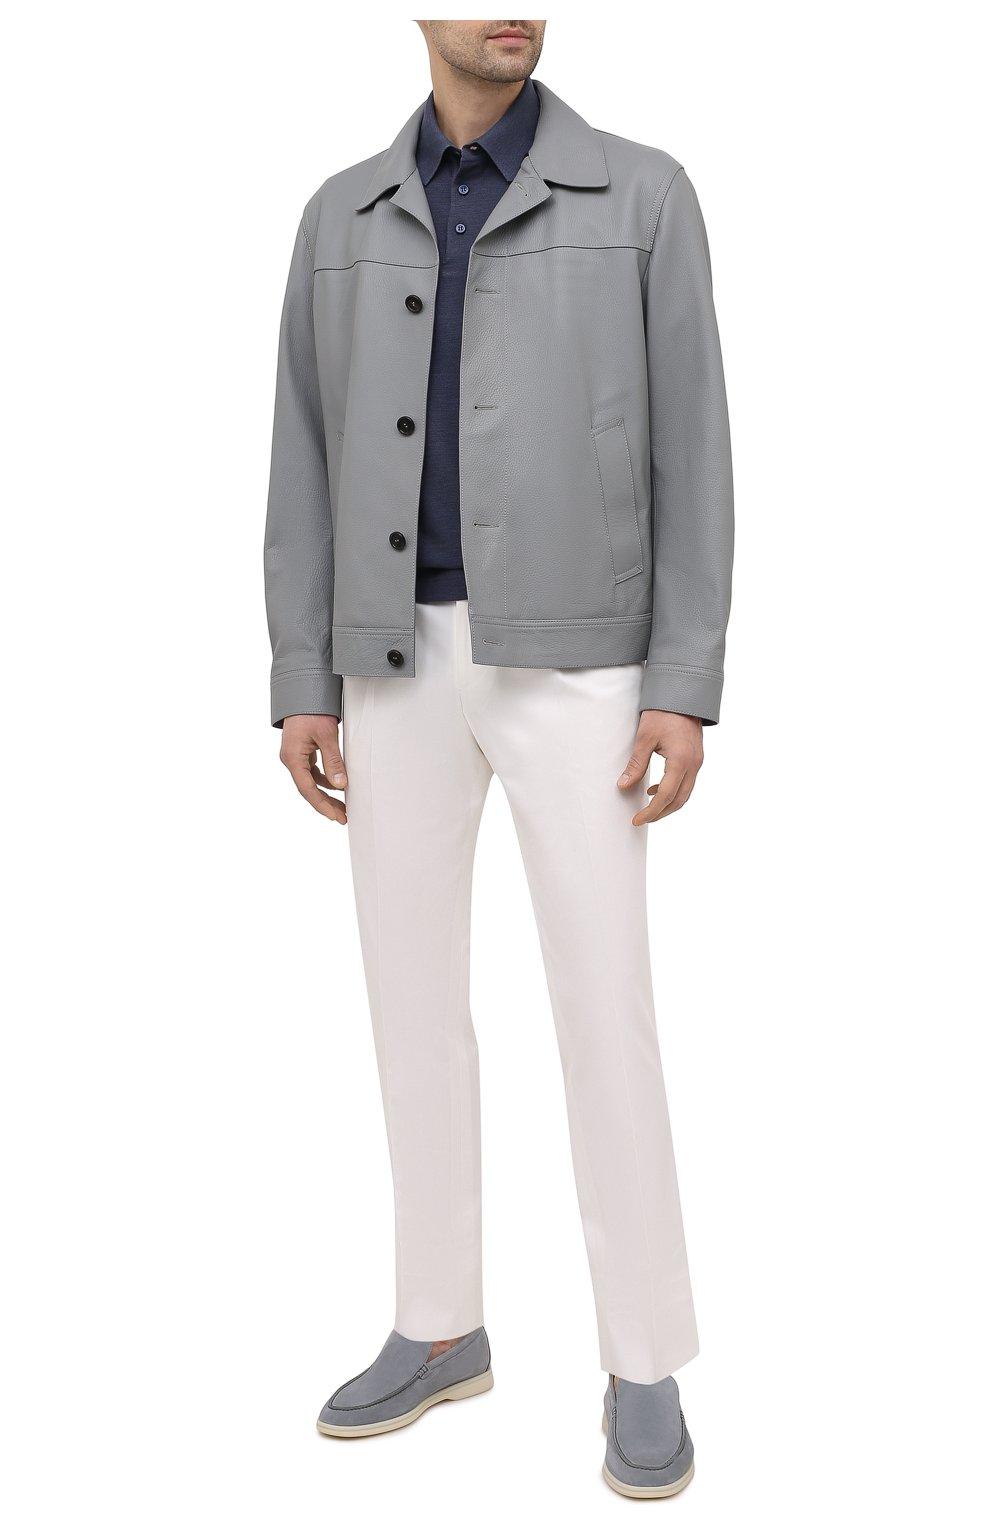 Мужская кожаная куртка BRIONI серого цвета, арт. PLZ90L/P7708 | Фото 2 (Кросс-КТ: Куртка; Рукава: Длинные; Стили: Классический; Мужское Кросс-КТ: Кожа и замша; Длина (верхняя одежда): Короткие; Материал подклада: Купро)